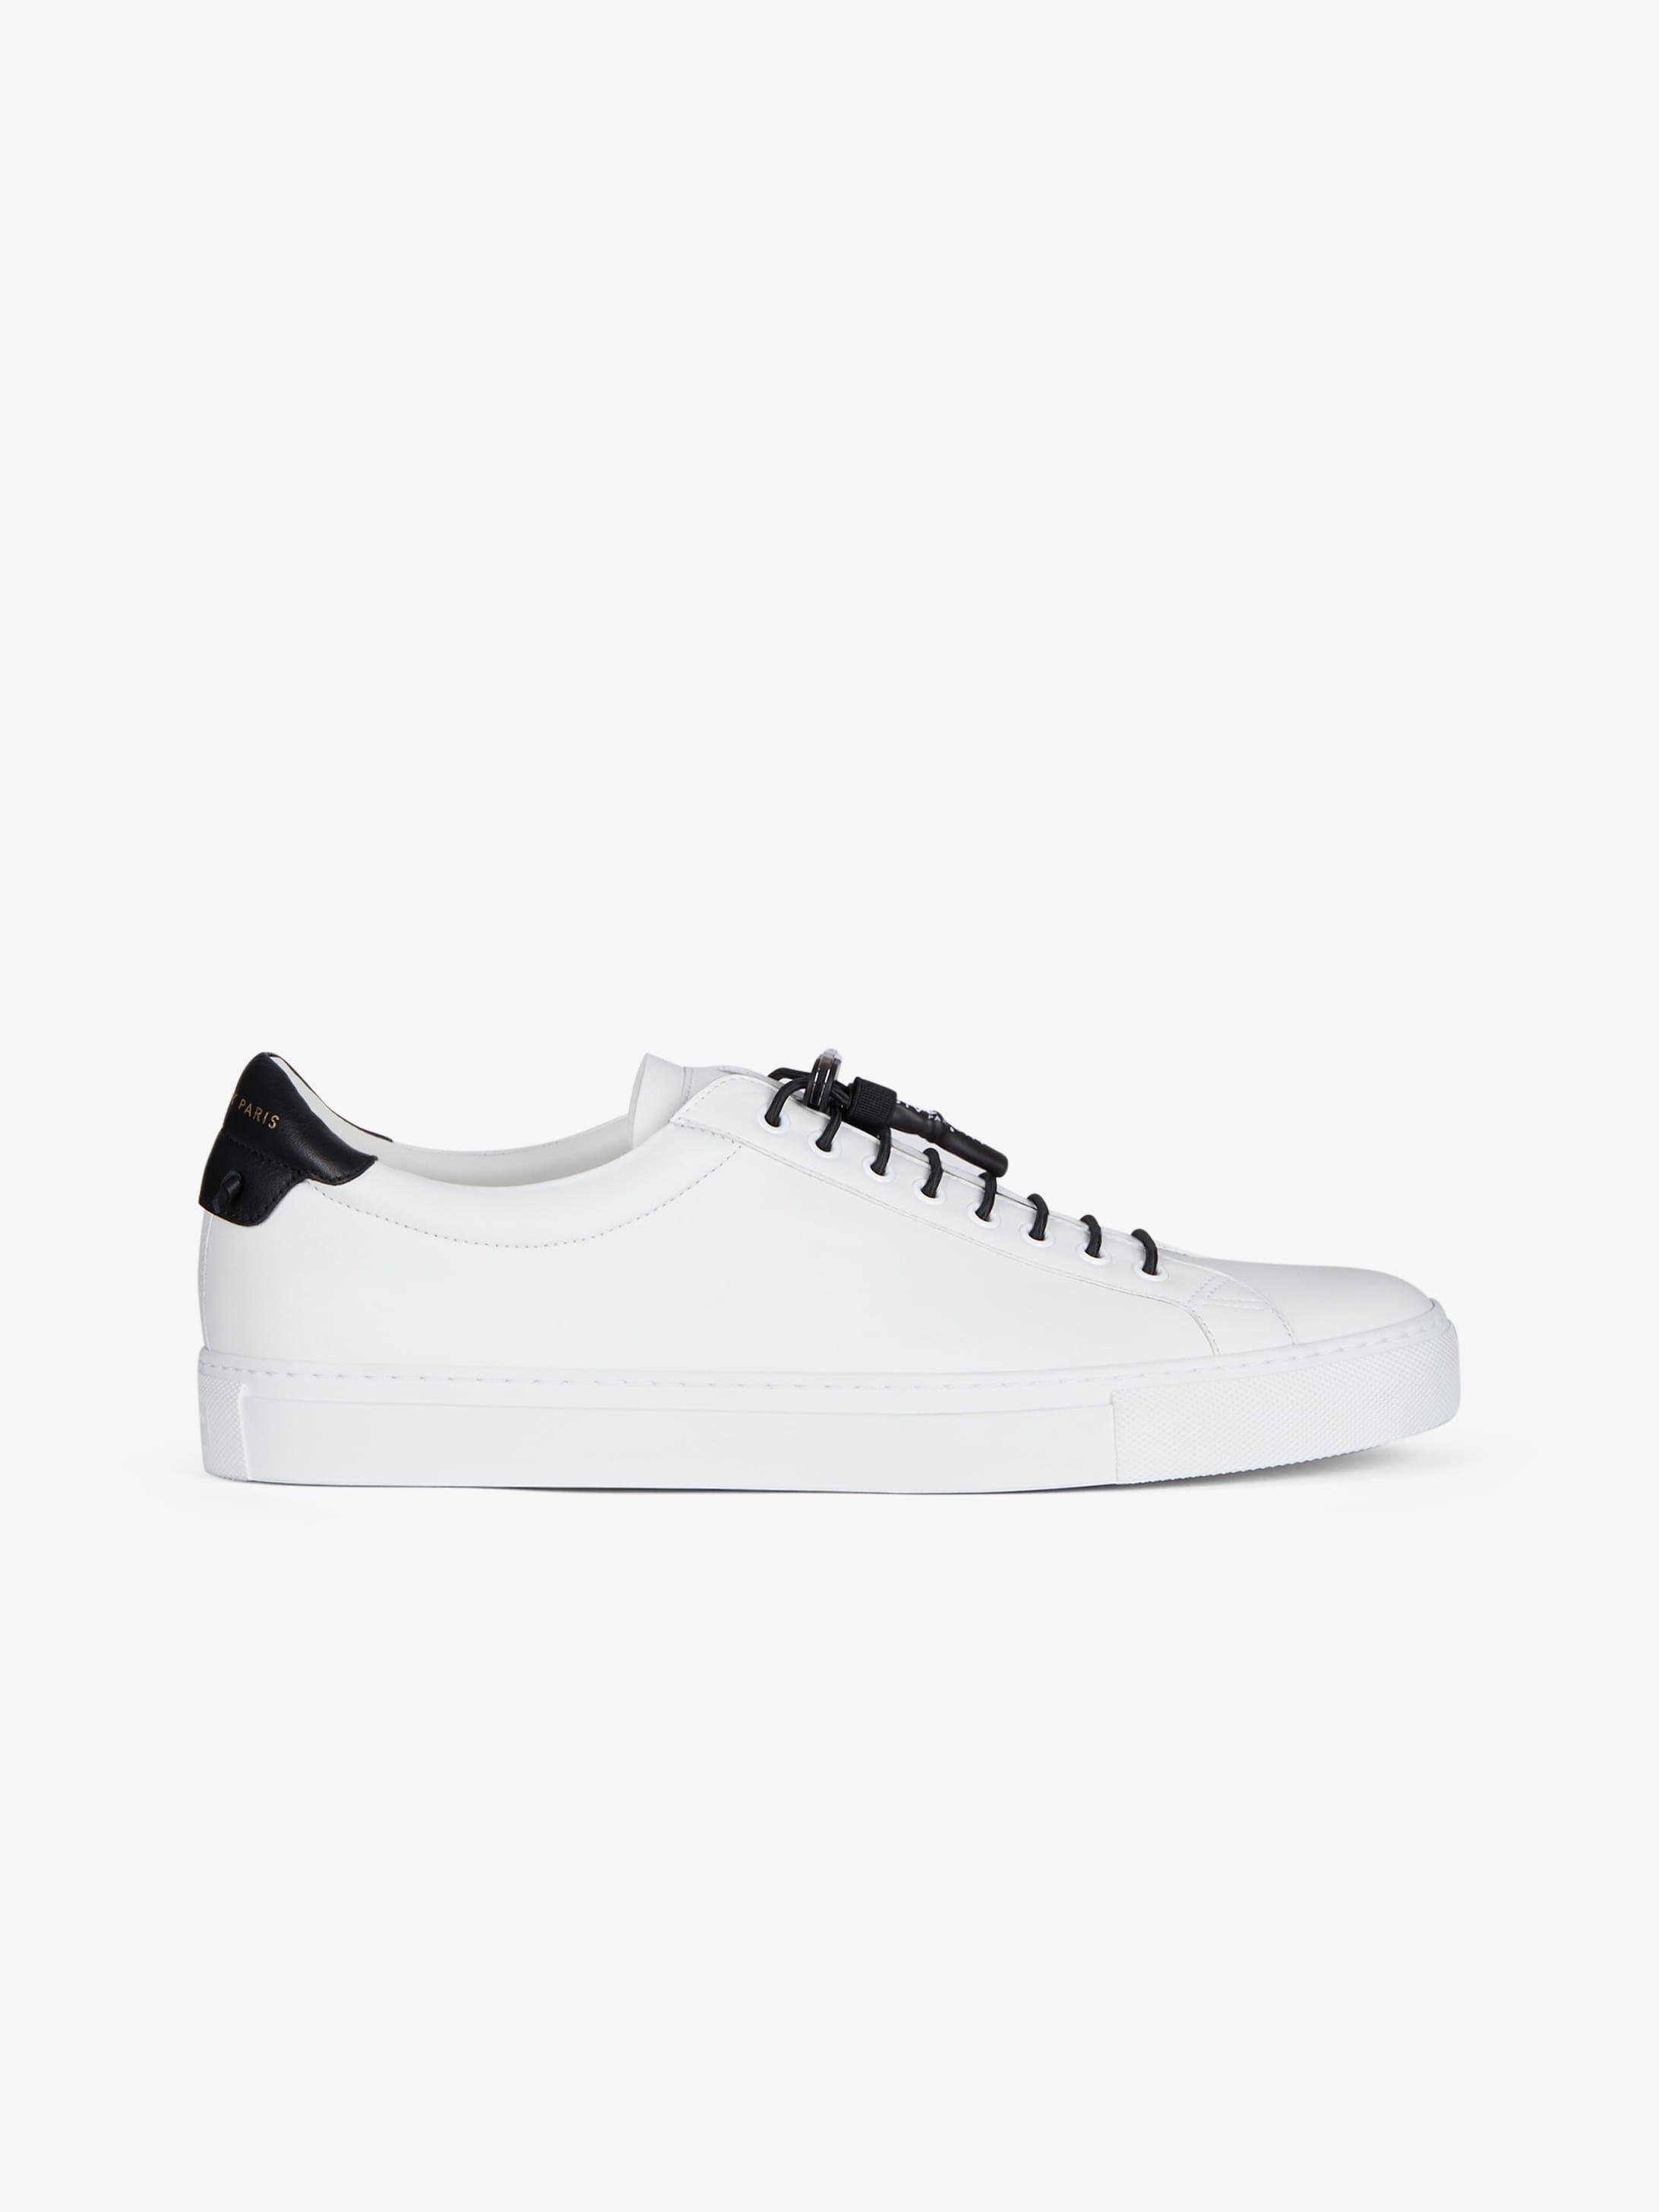 URBAN STREET休闲鞋